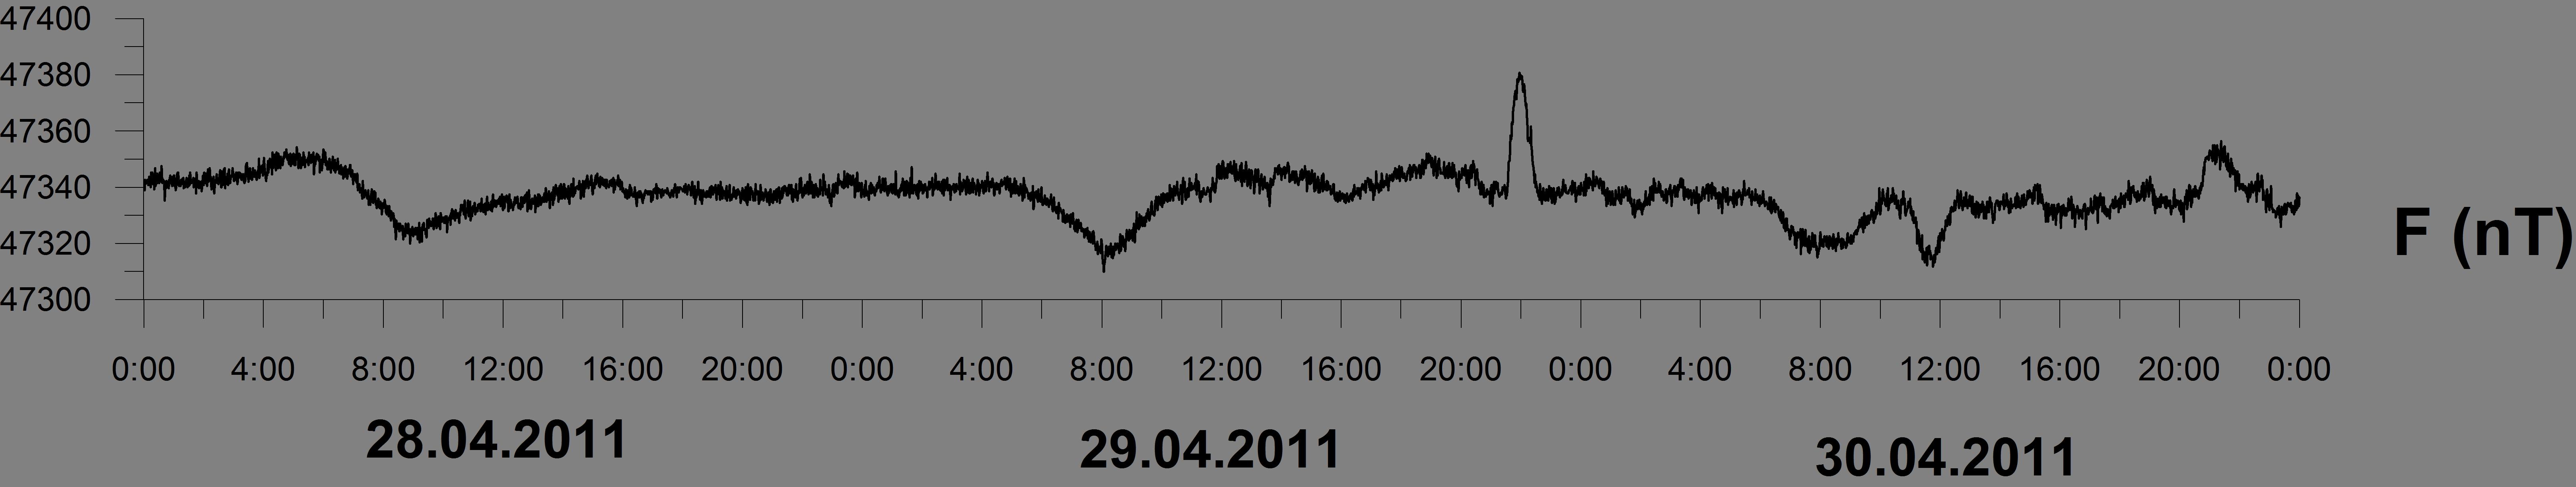 proton3